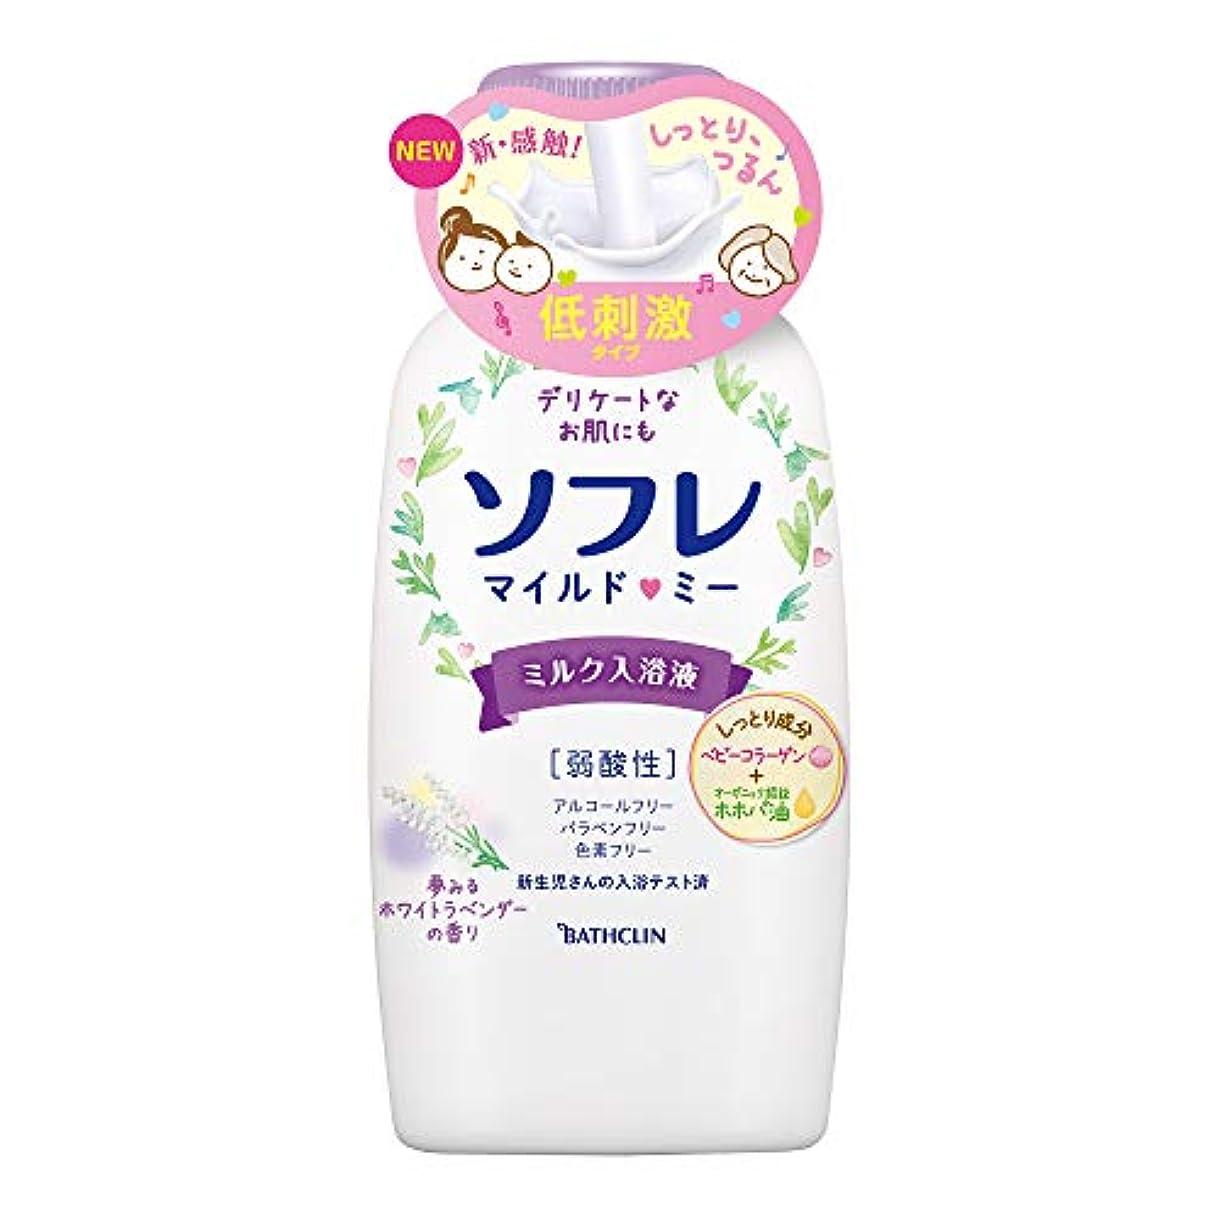 振動する船酔い出席するバスクリン ソフレ入浴液 マイルド?ミー ミルク 夢みるホワイトラベンダーの香り 本体720mL保湿 成分配合 赤ちゃんと一緒に使えます。